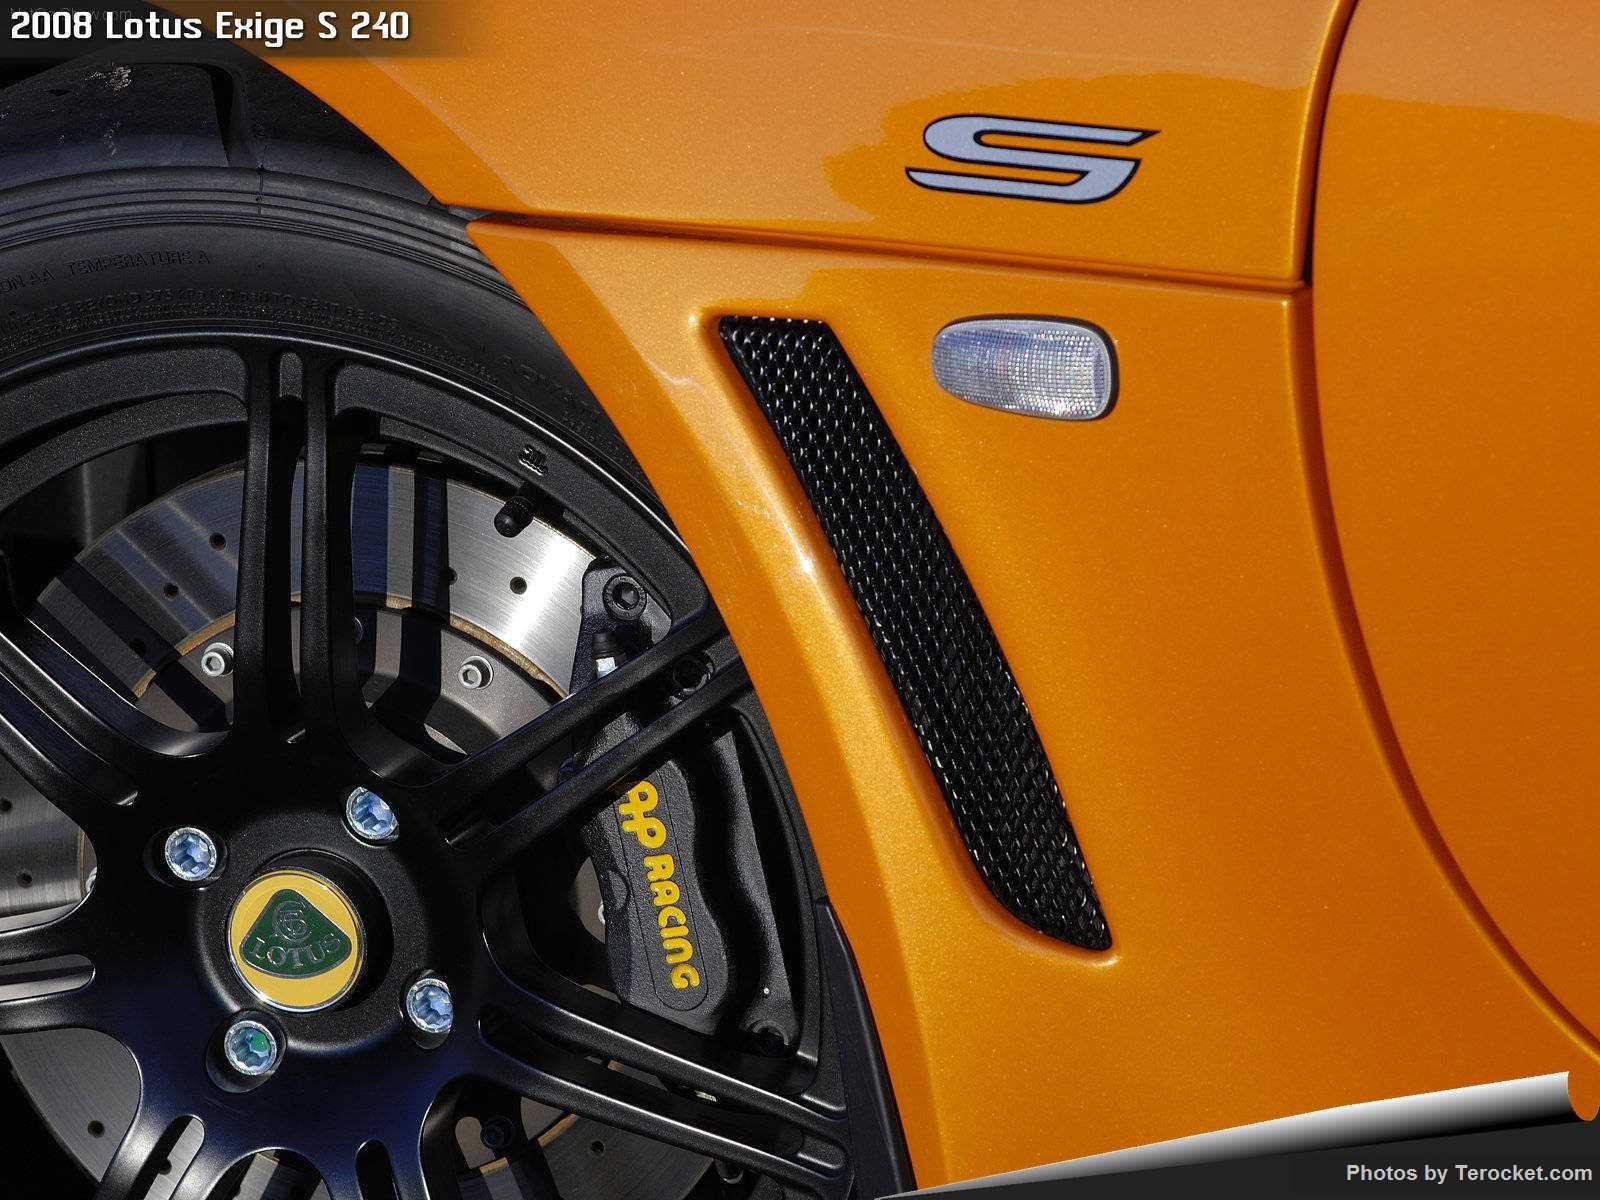 Hình ảnh siêu xe Lotus Exige S 240 2008 & nội ngoại thất